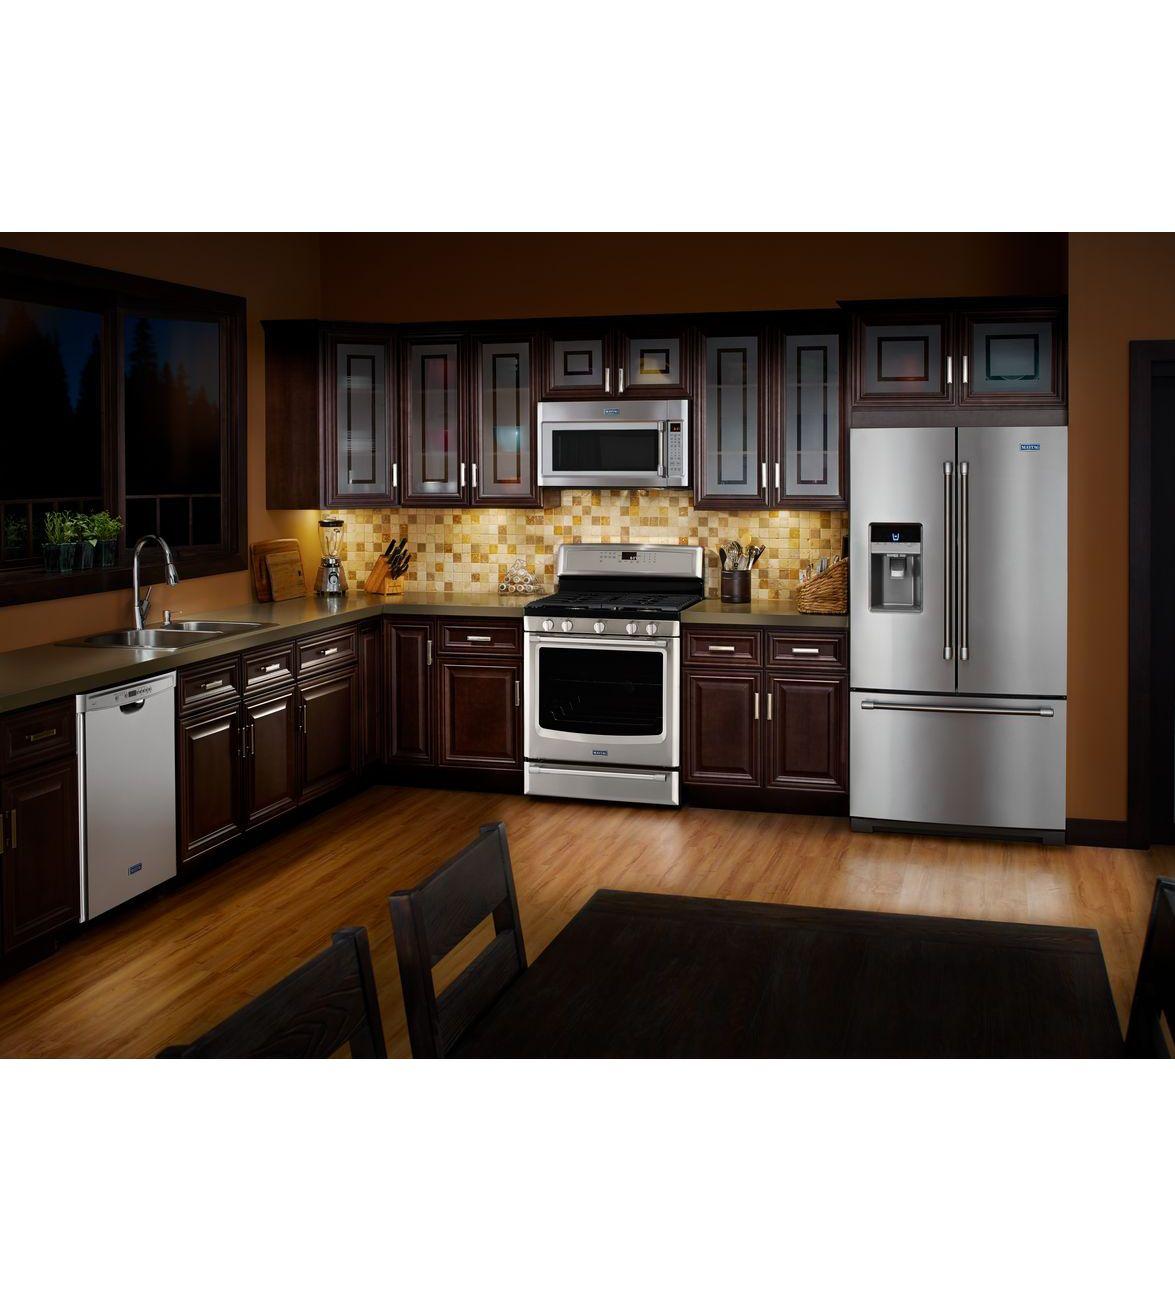 Dark kitchen cabinetry